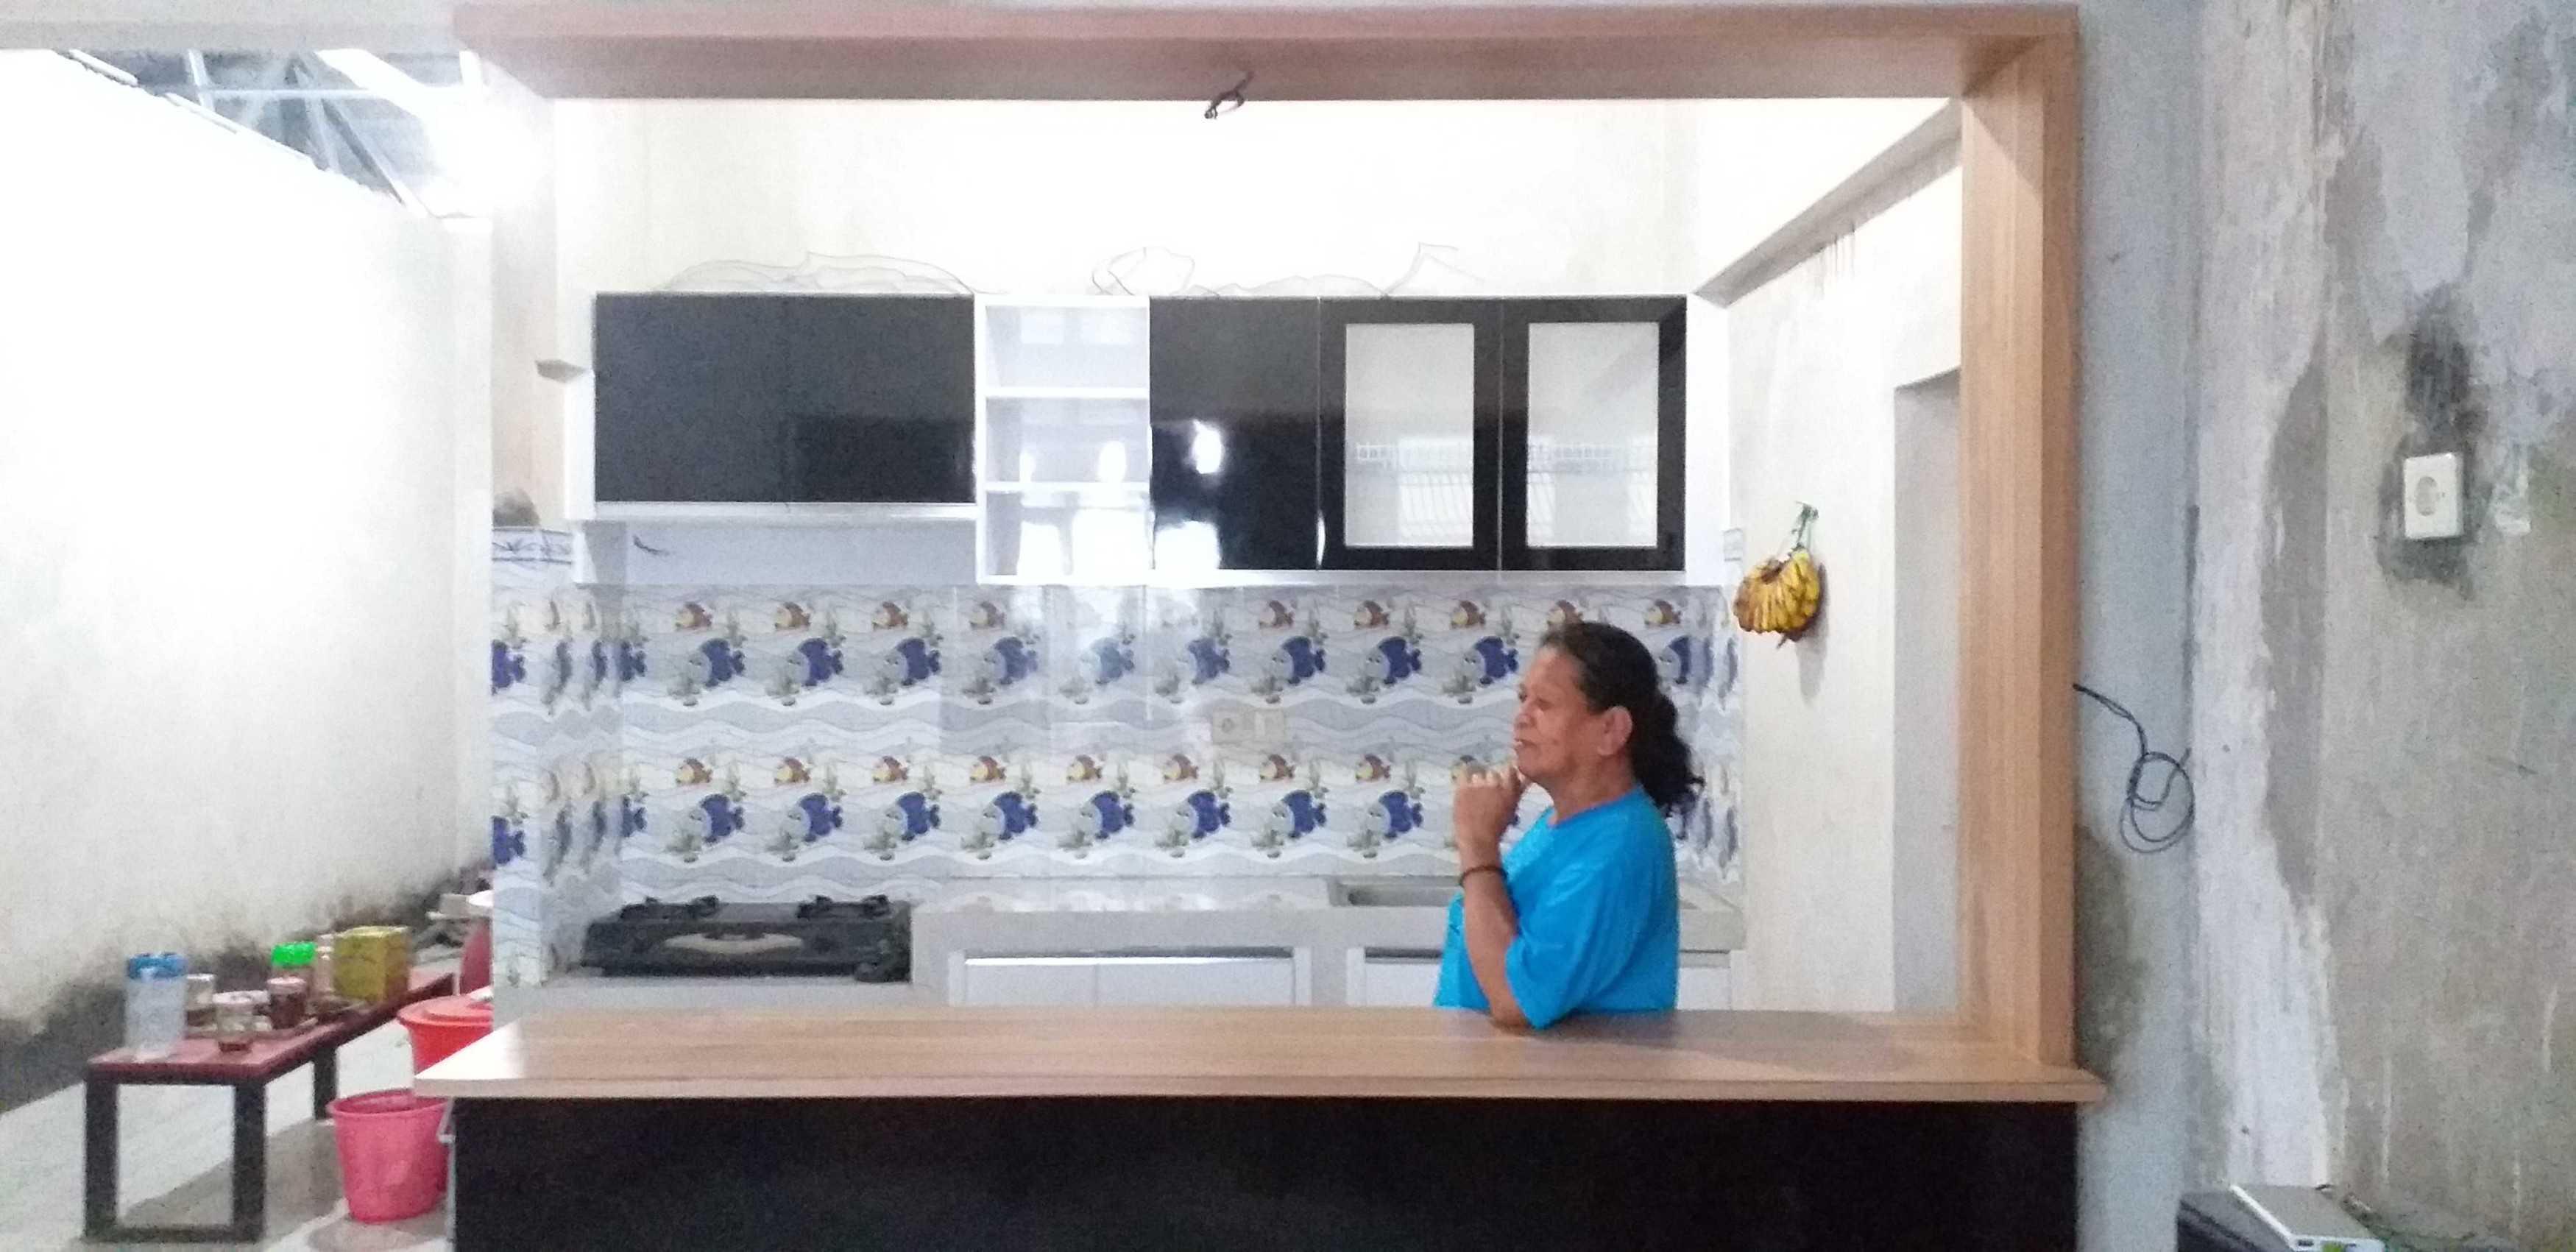 Cv Astabumi Manunggal Prakarsa Kitchenset Projects Yogyakarta, Kota Yogyakarta, Daerah Istimewa Yogyakarta, Indonesia Yogyakarta, Kota Yogyakarta, Daerah Istimewa Yogyakarta, Indonesia Cv-Astabumi-Manunggal-Prakarsa-Kitchenset-Desain-Dan-Produksi   104033